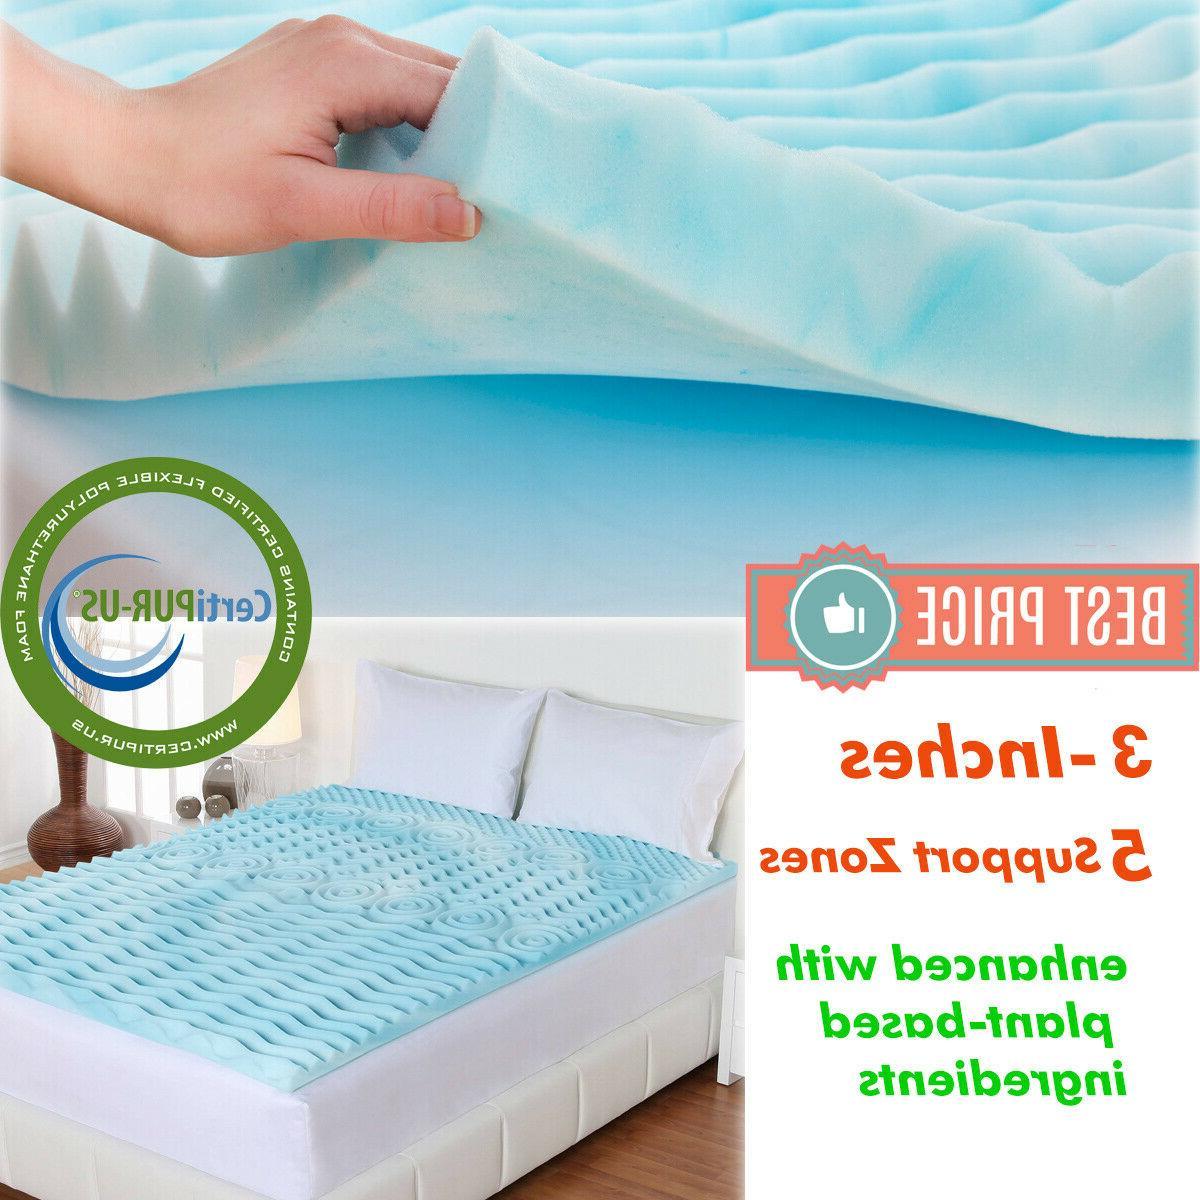 3 inch memory foam mattress topper king